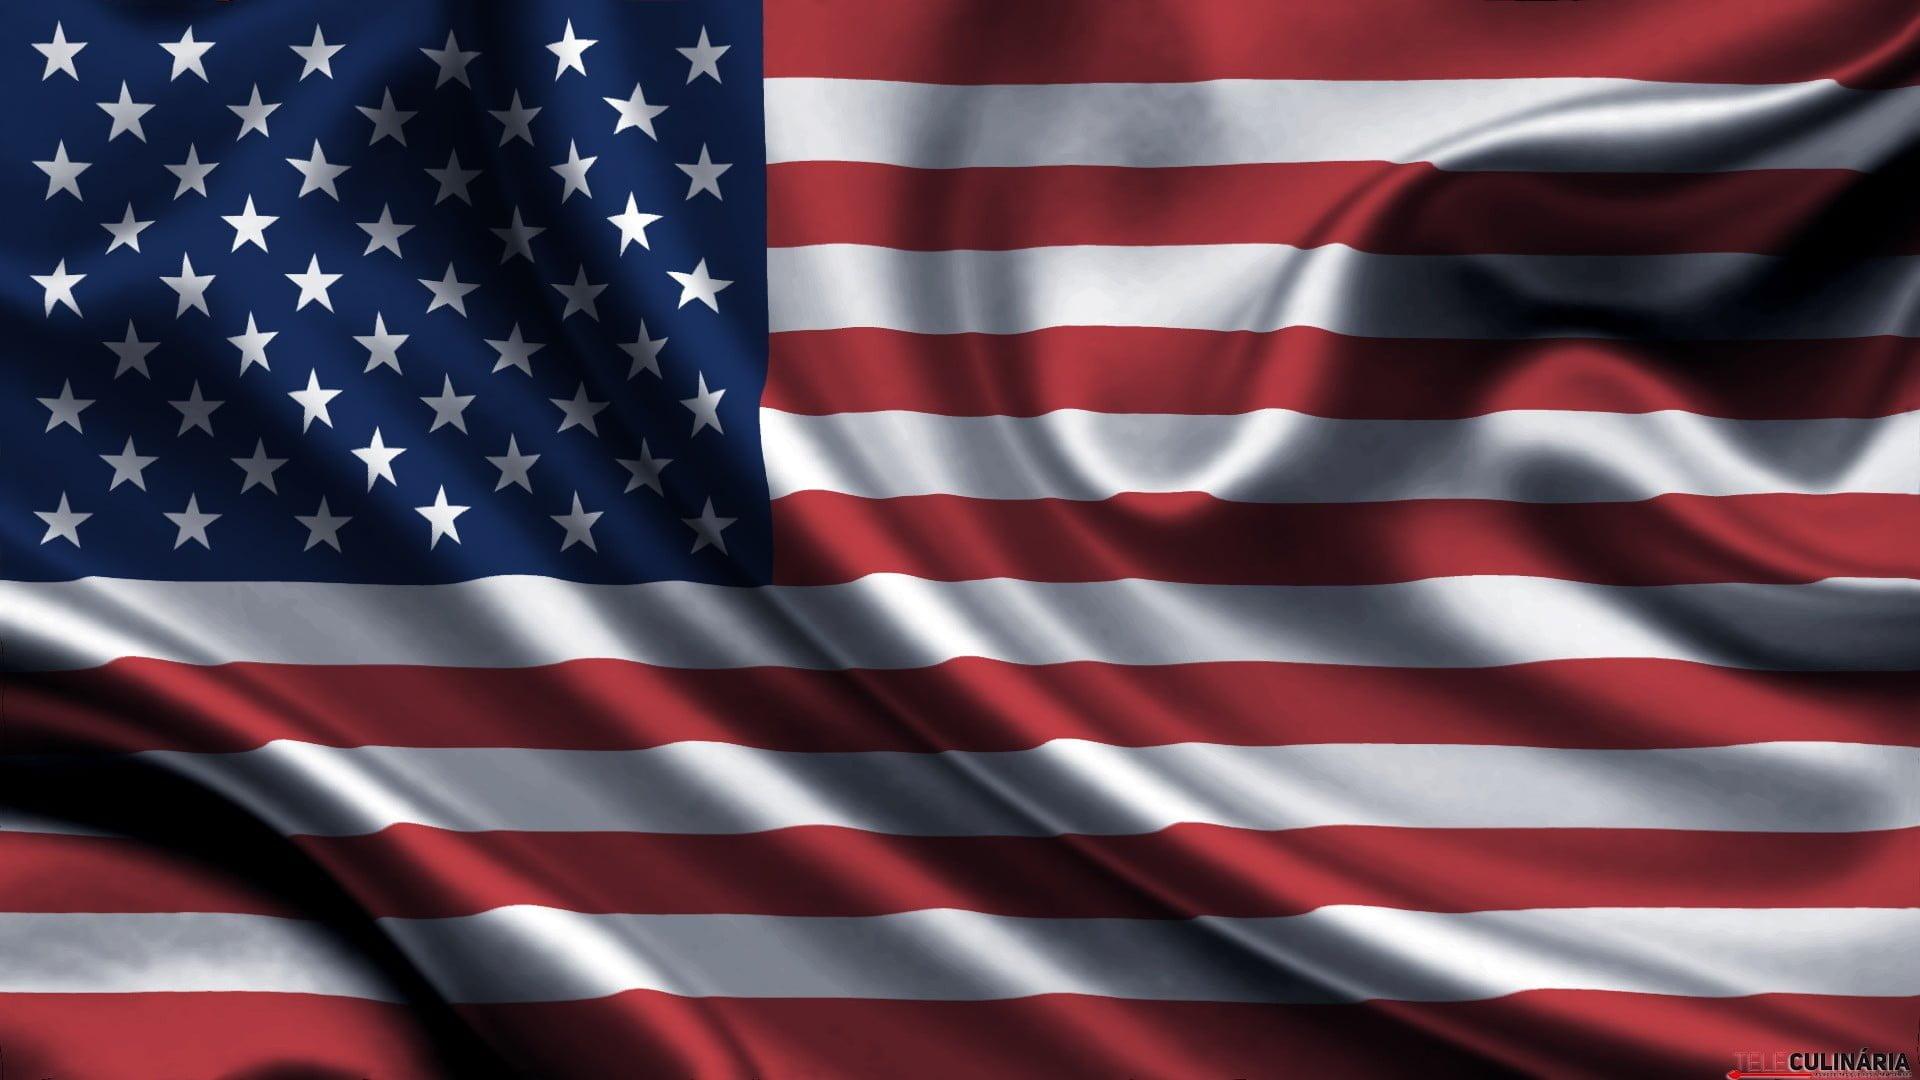 bandeira-estados-unidos-volta-mundo-teleculinaria